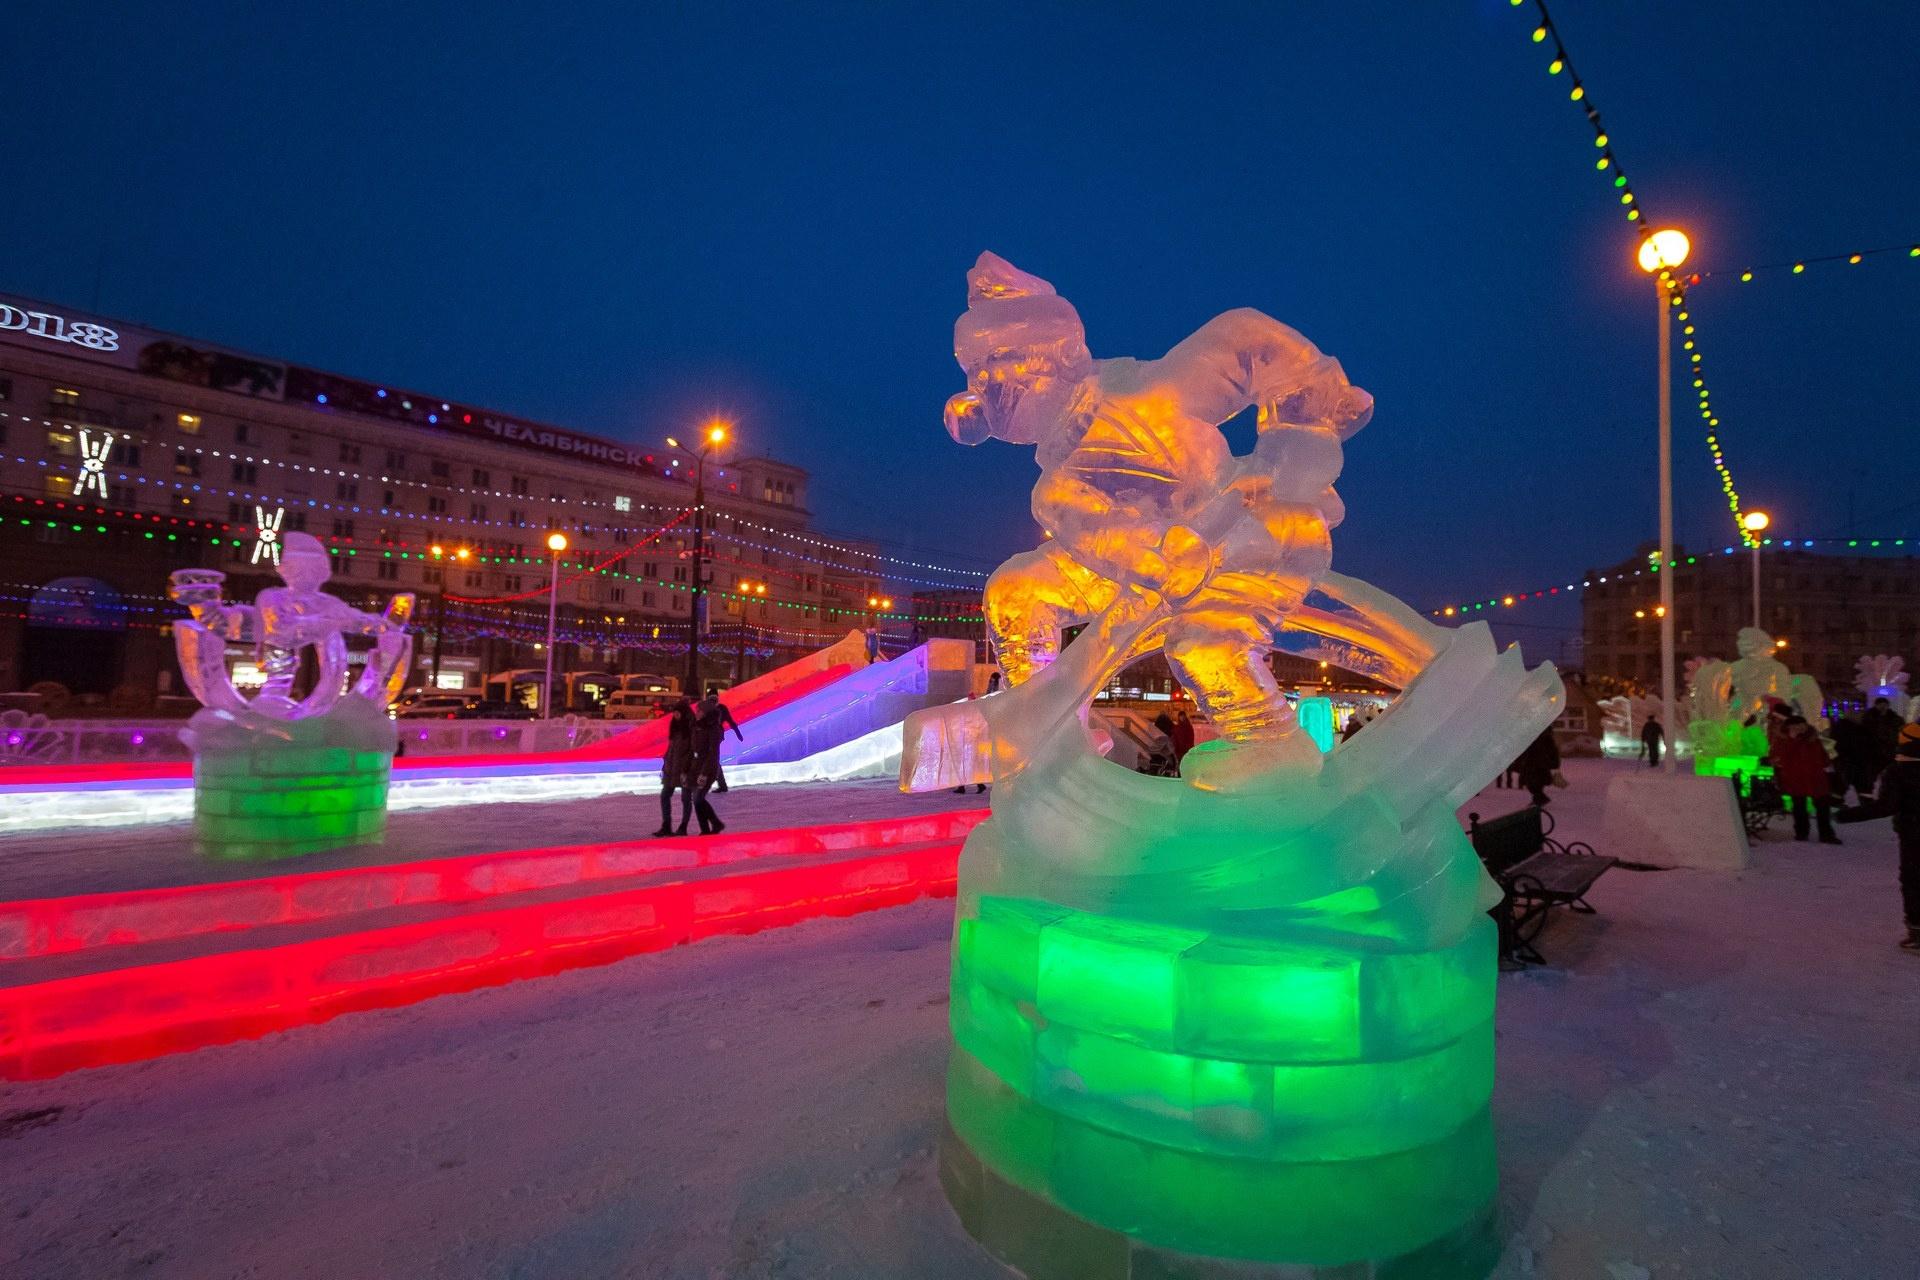 В Челябинске ждут предстоящий чемпионат мира по хоккею даже больше, чем по футболу